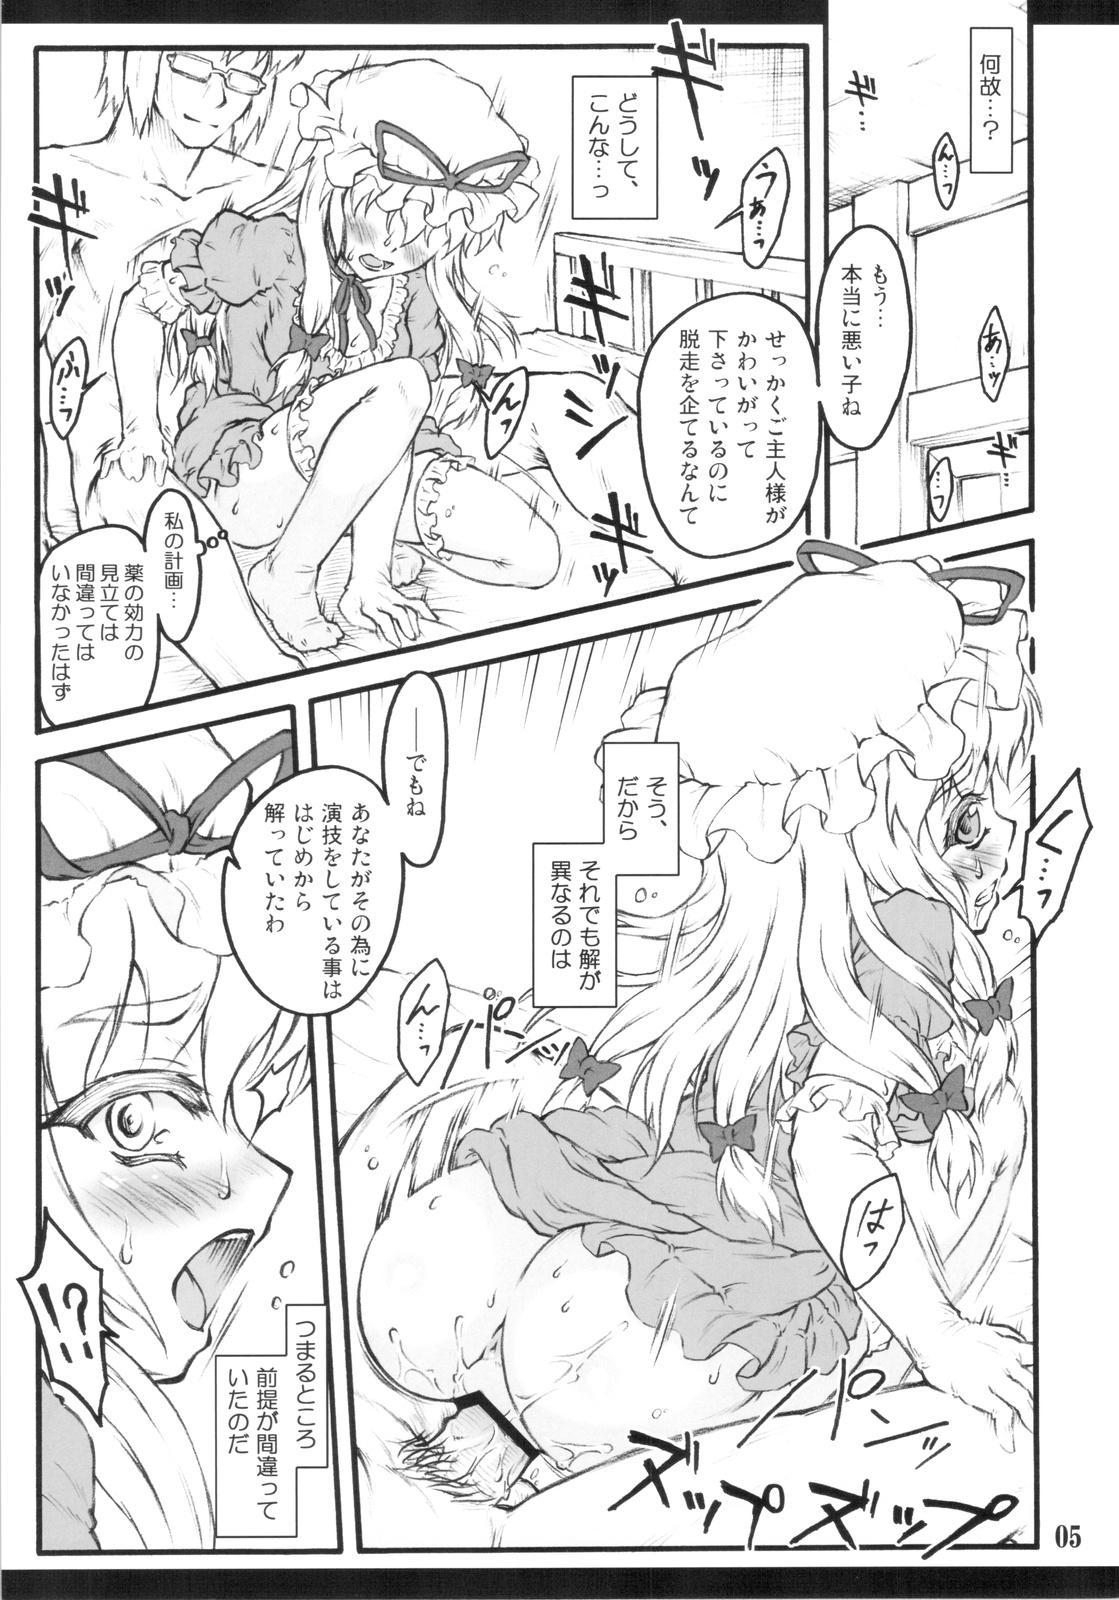 Yukari x Yukari 2